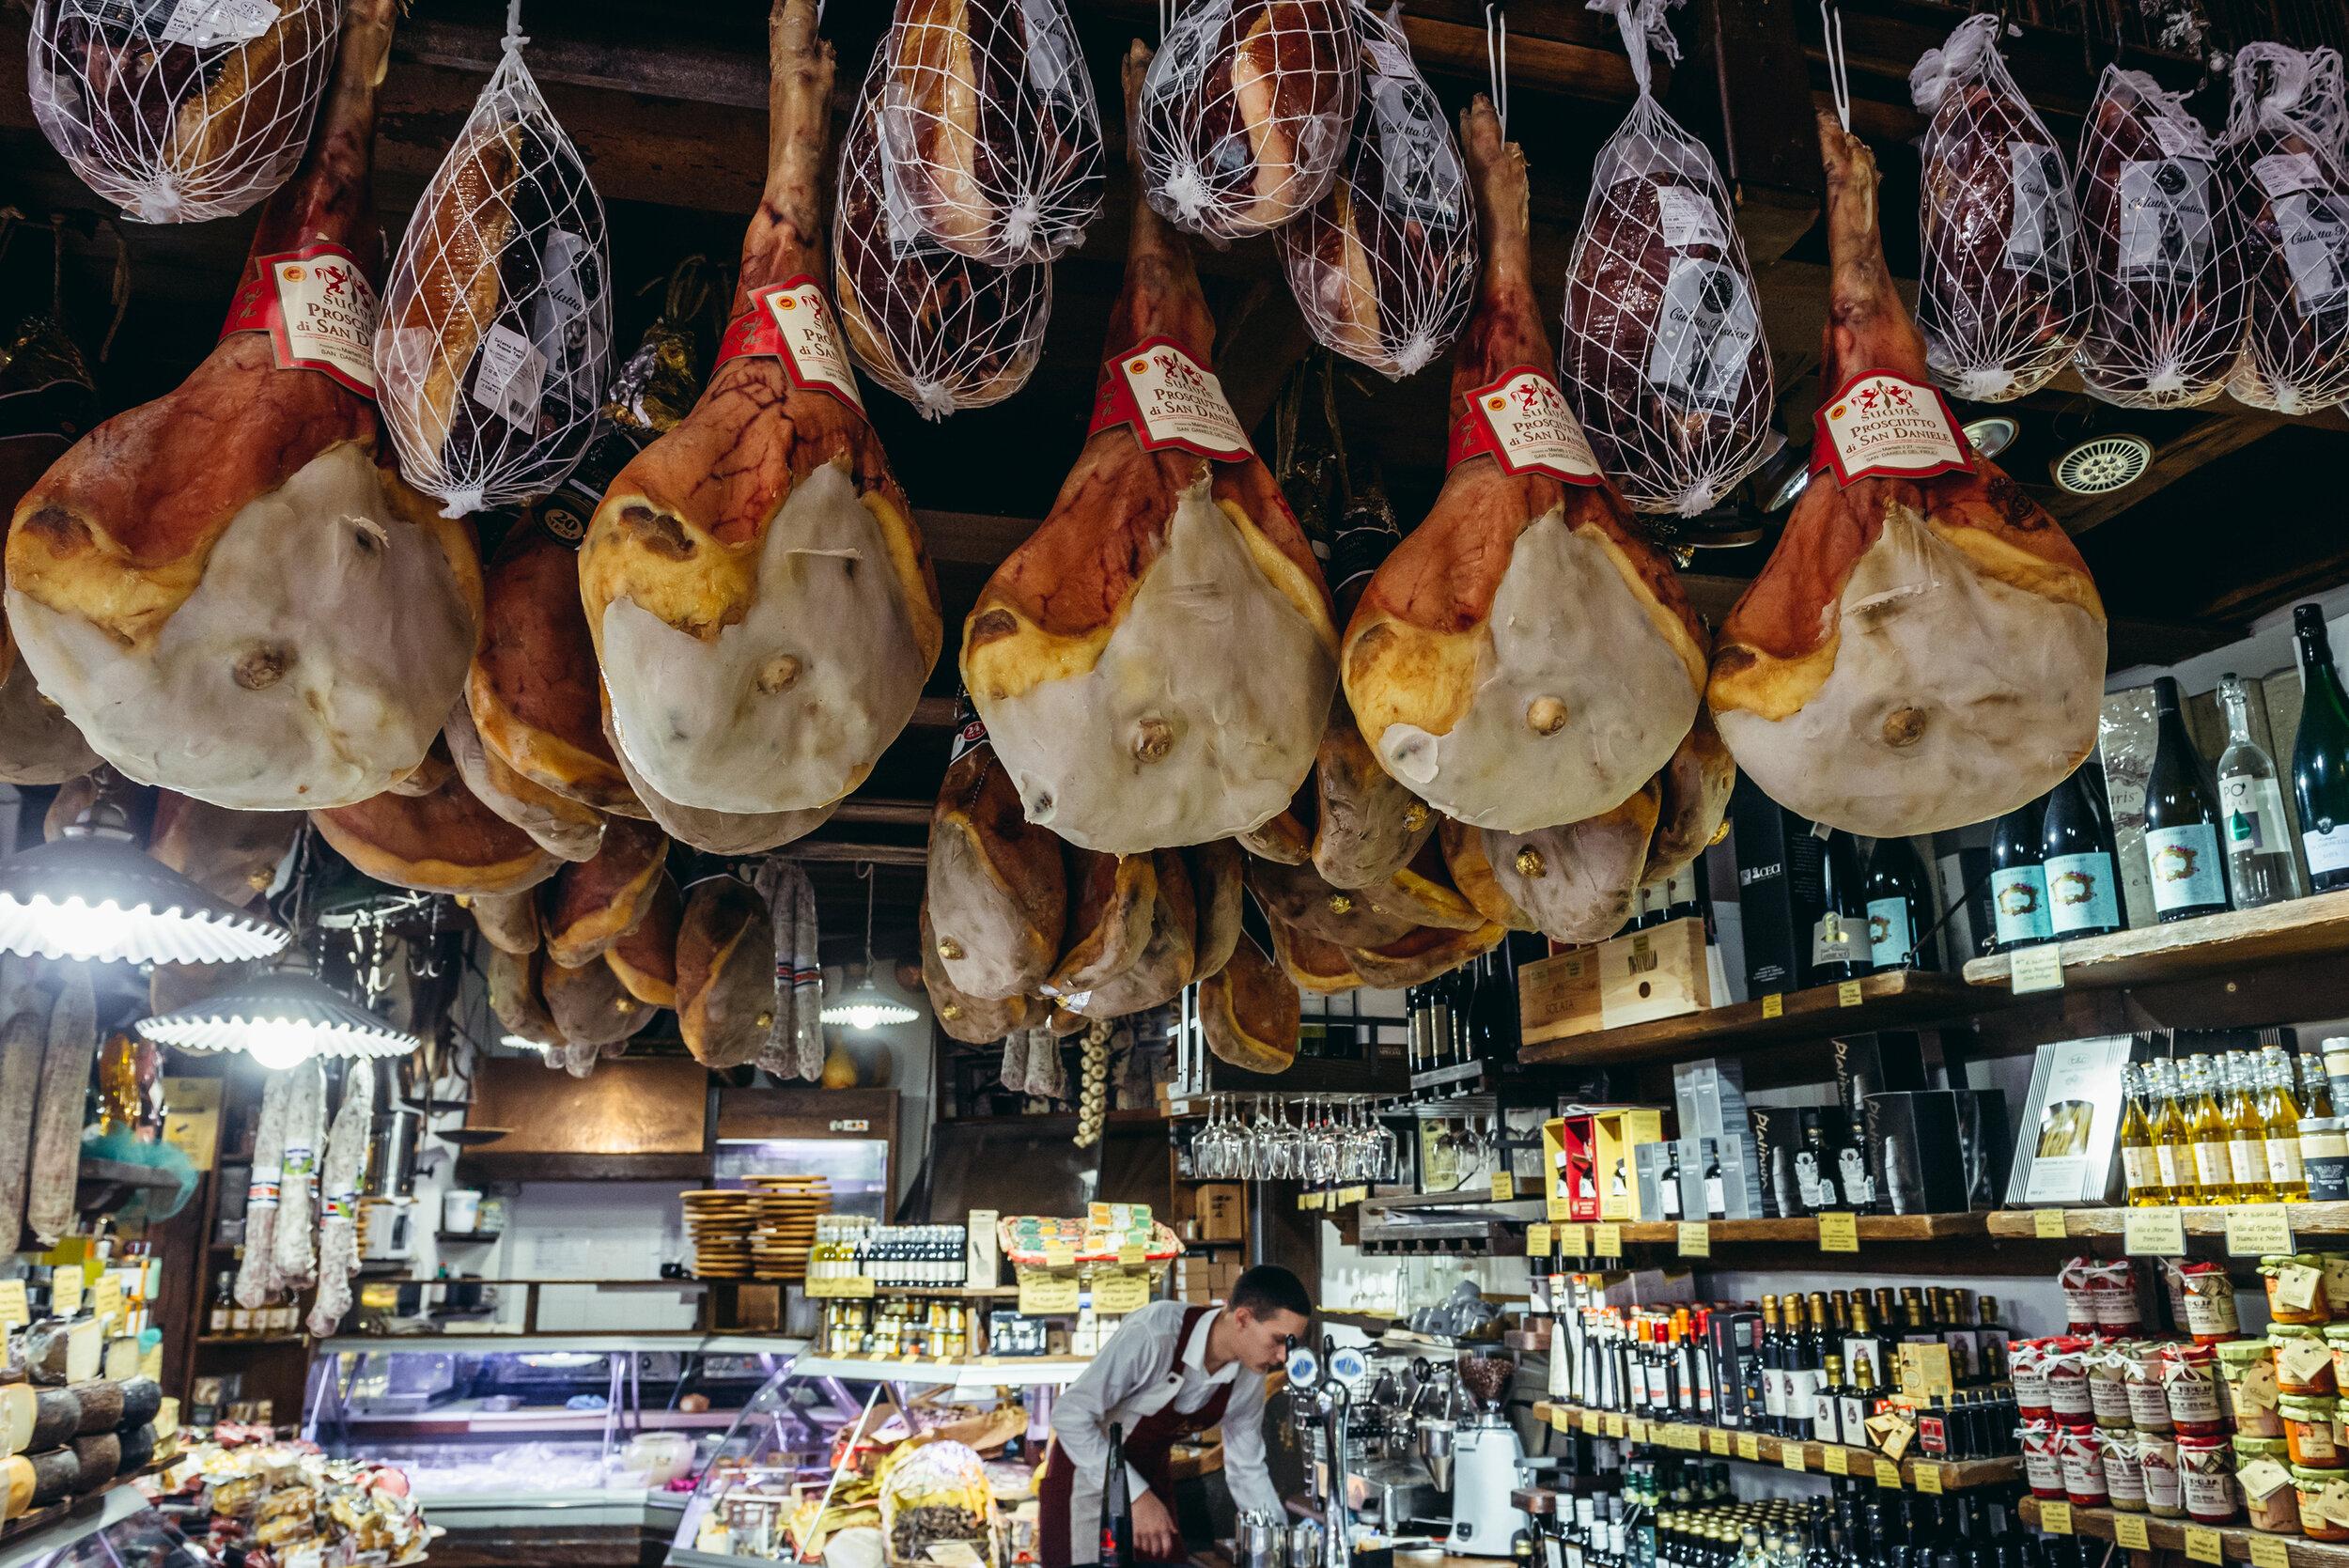 Bologna salumeria shop in the Mercato Di Mezzo with Emilia-Romagna food products.